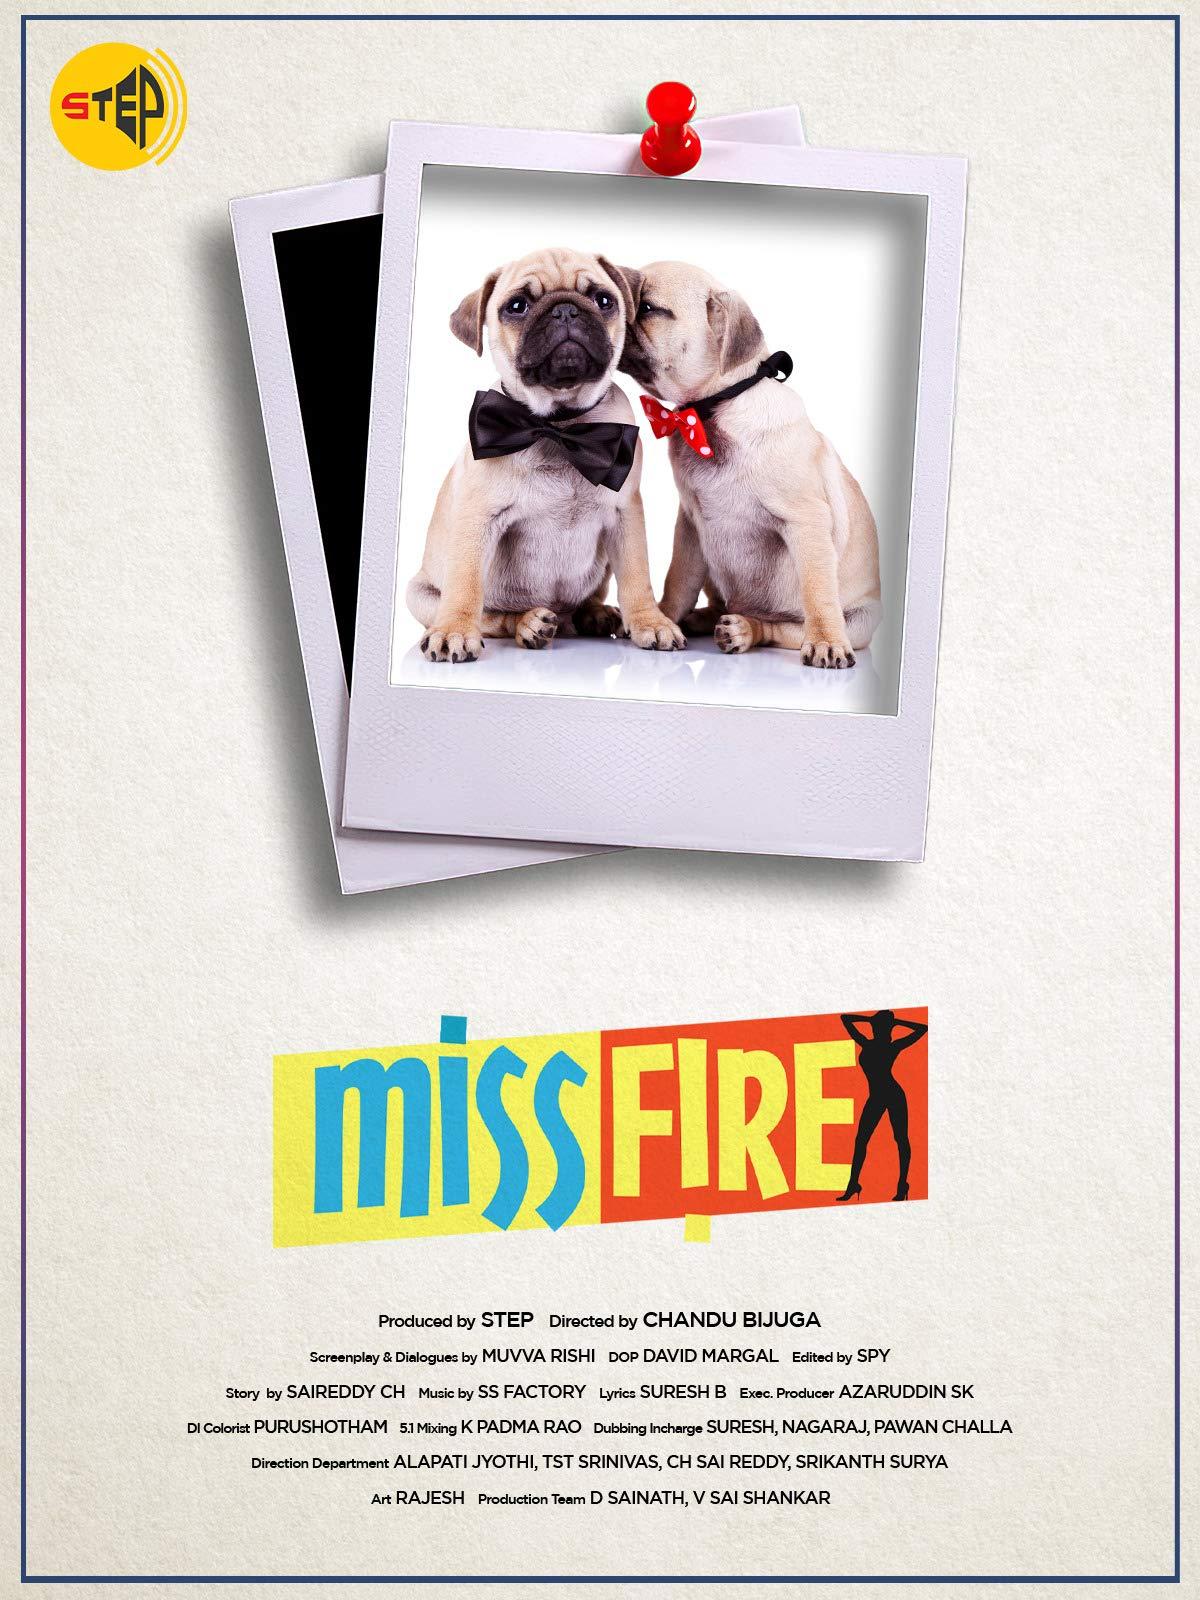 Missfire